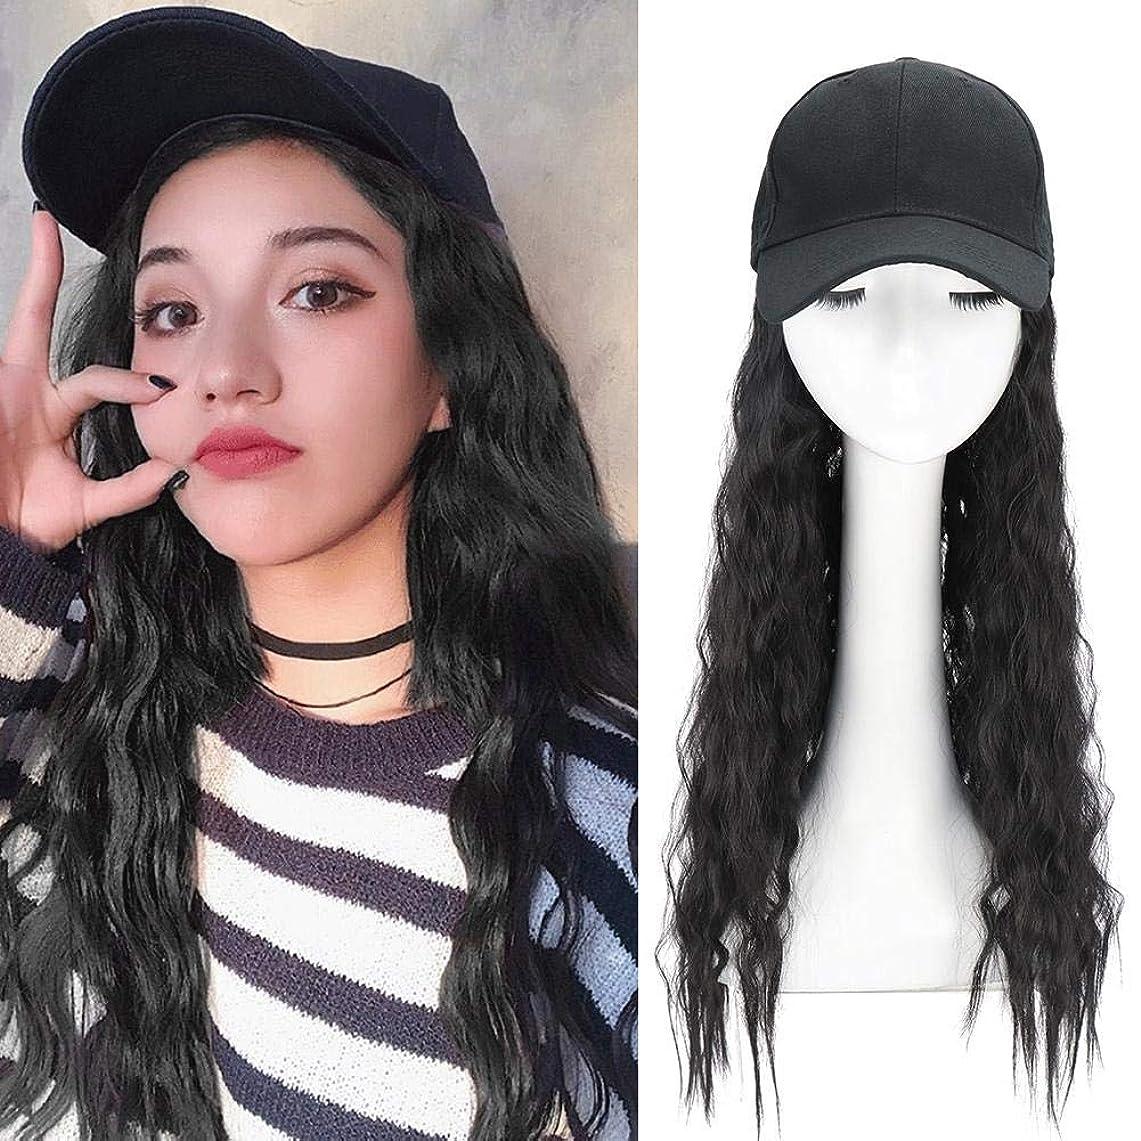 臨検神経障害職業長い巻き毛を持つ合成長波野球帽合成毛を持つ波状かつらキャップ女の子のための髪を持つ調整可能な野球帽帽子